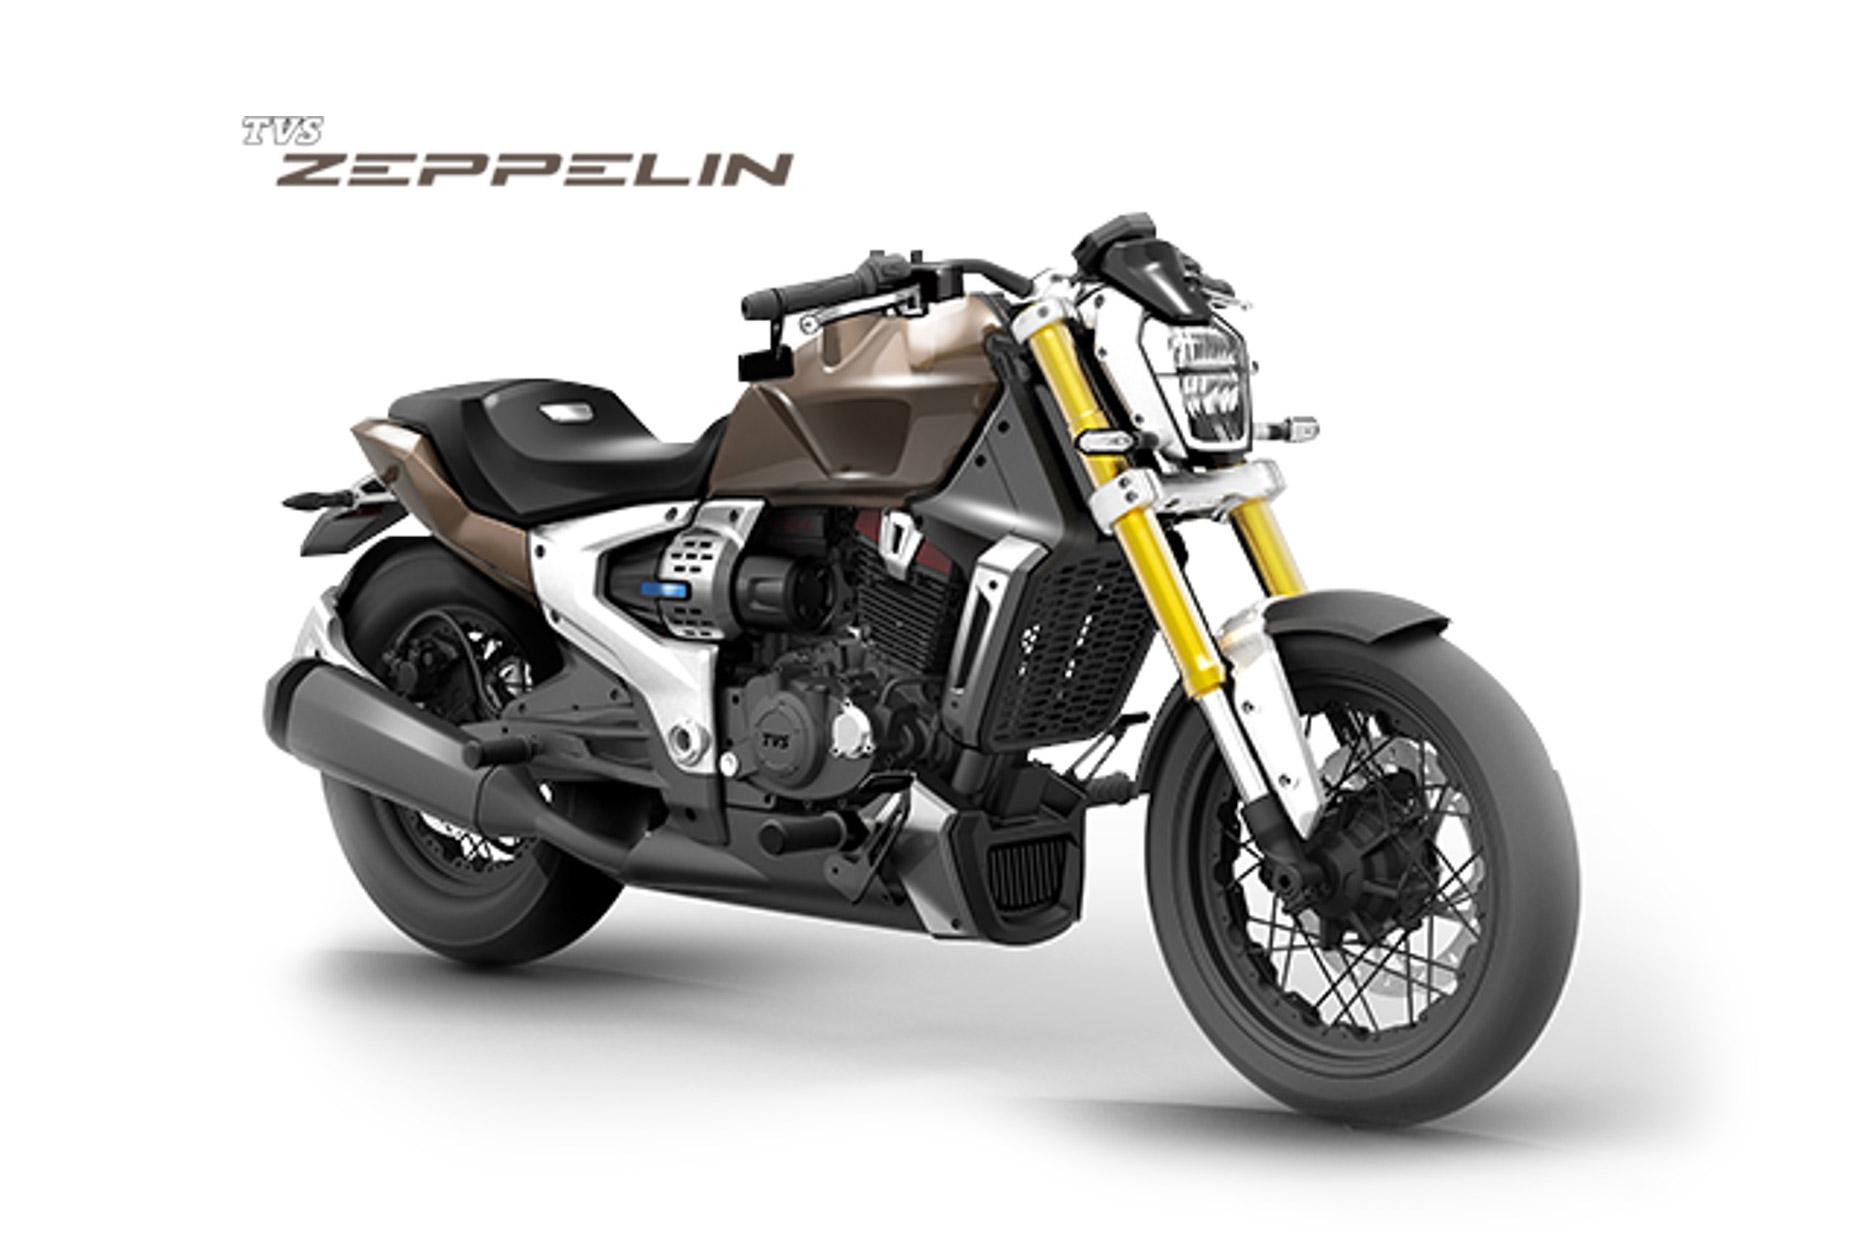 Bmw Cruiser Motorcycle